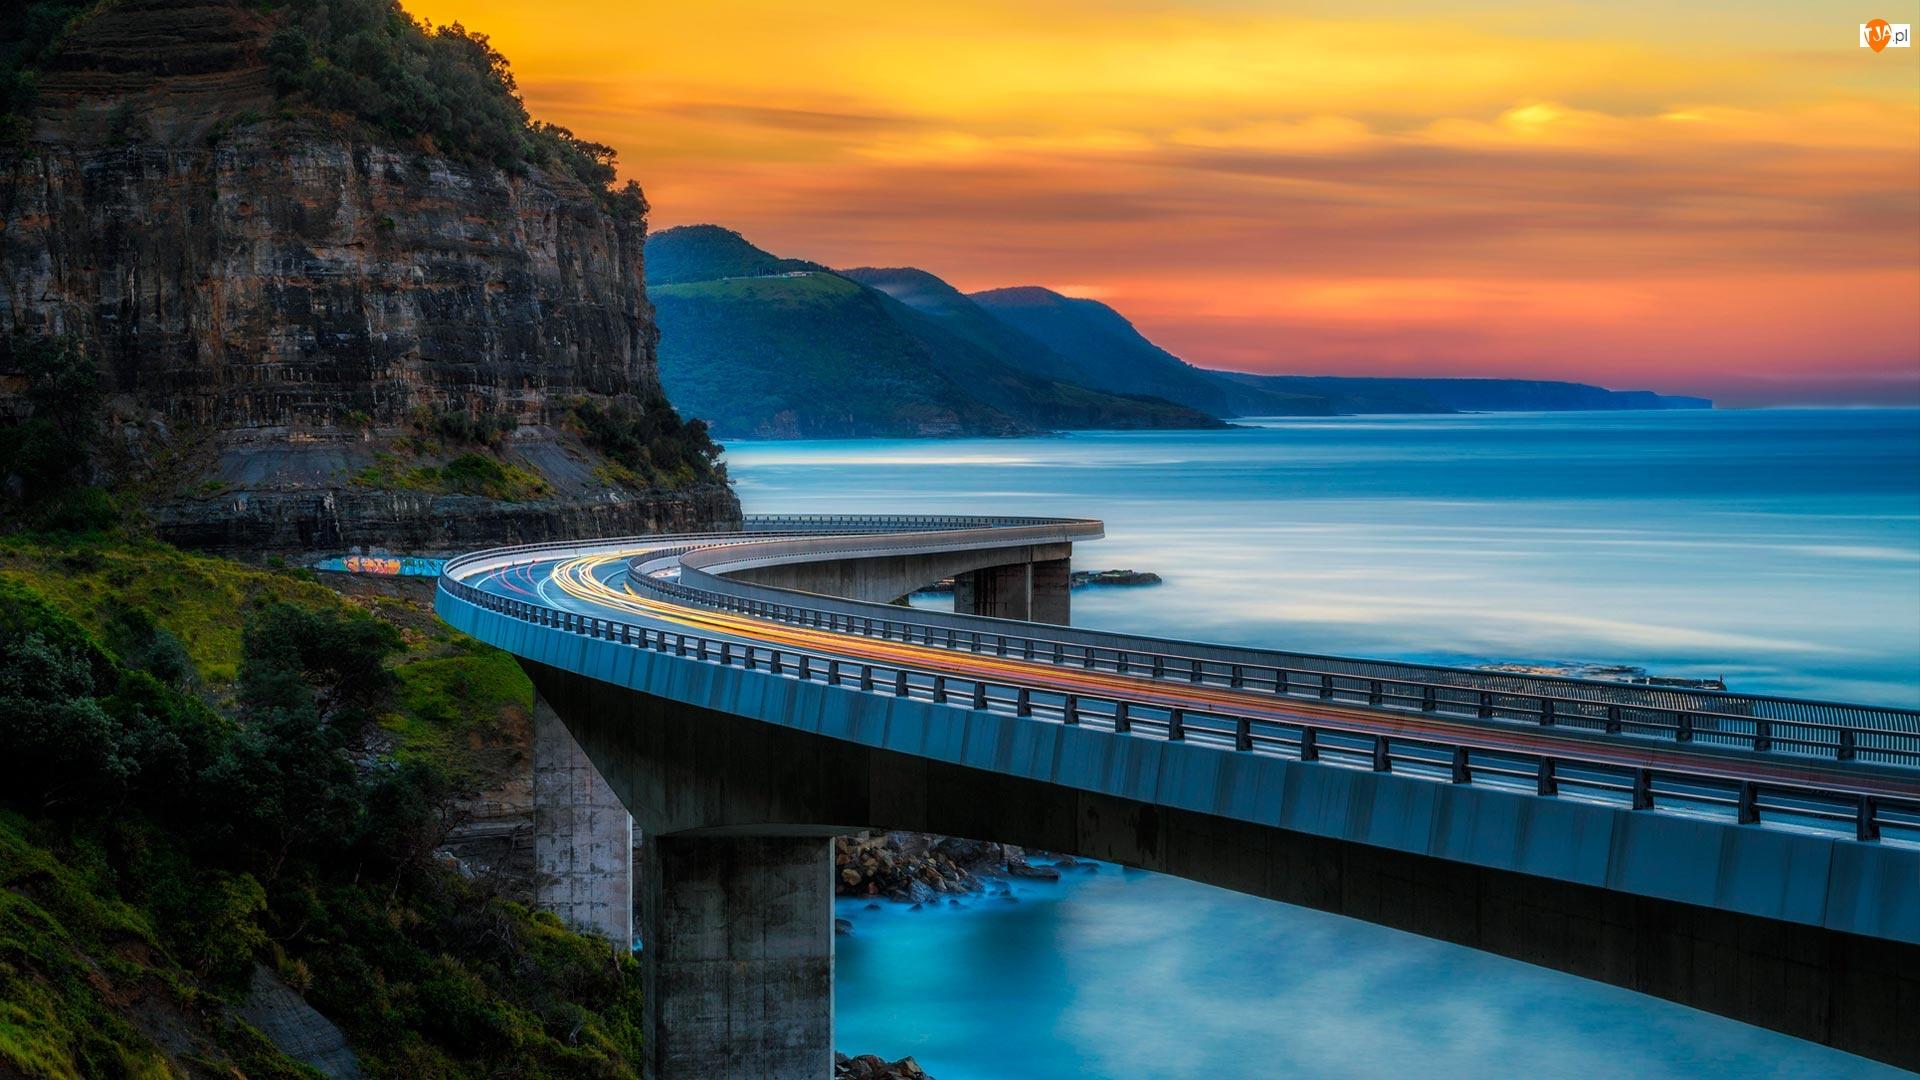 Klif, Most Sea Cliff Bridge, Morze, Nowa Południowa Walia, Zachód słońca, Ocean, Australia, Góry